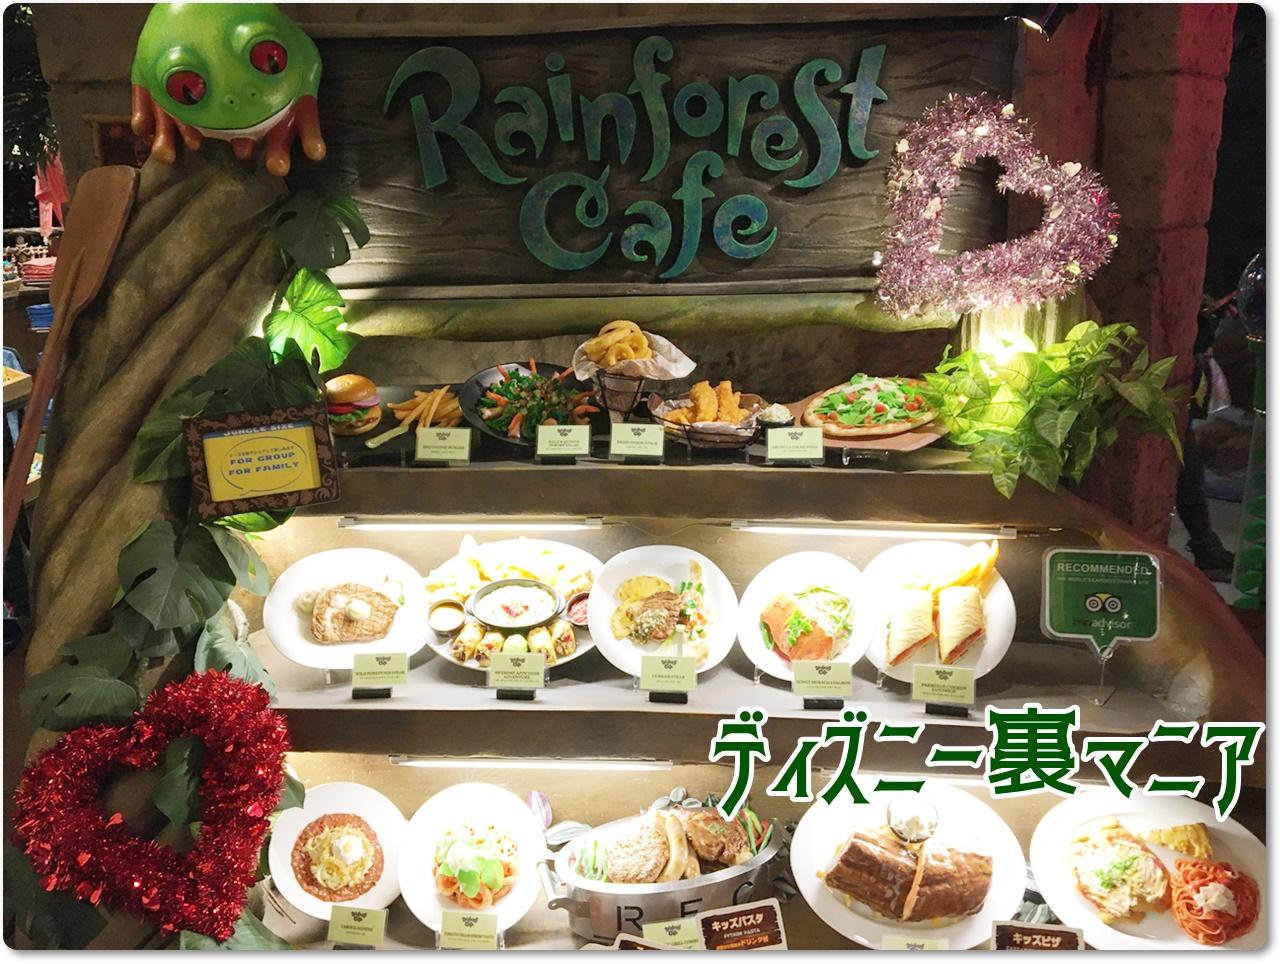 レインフォレストカフェ メニュー1